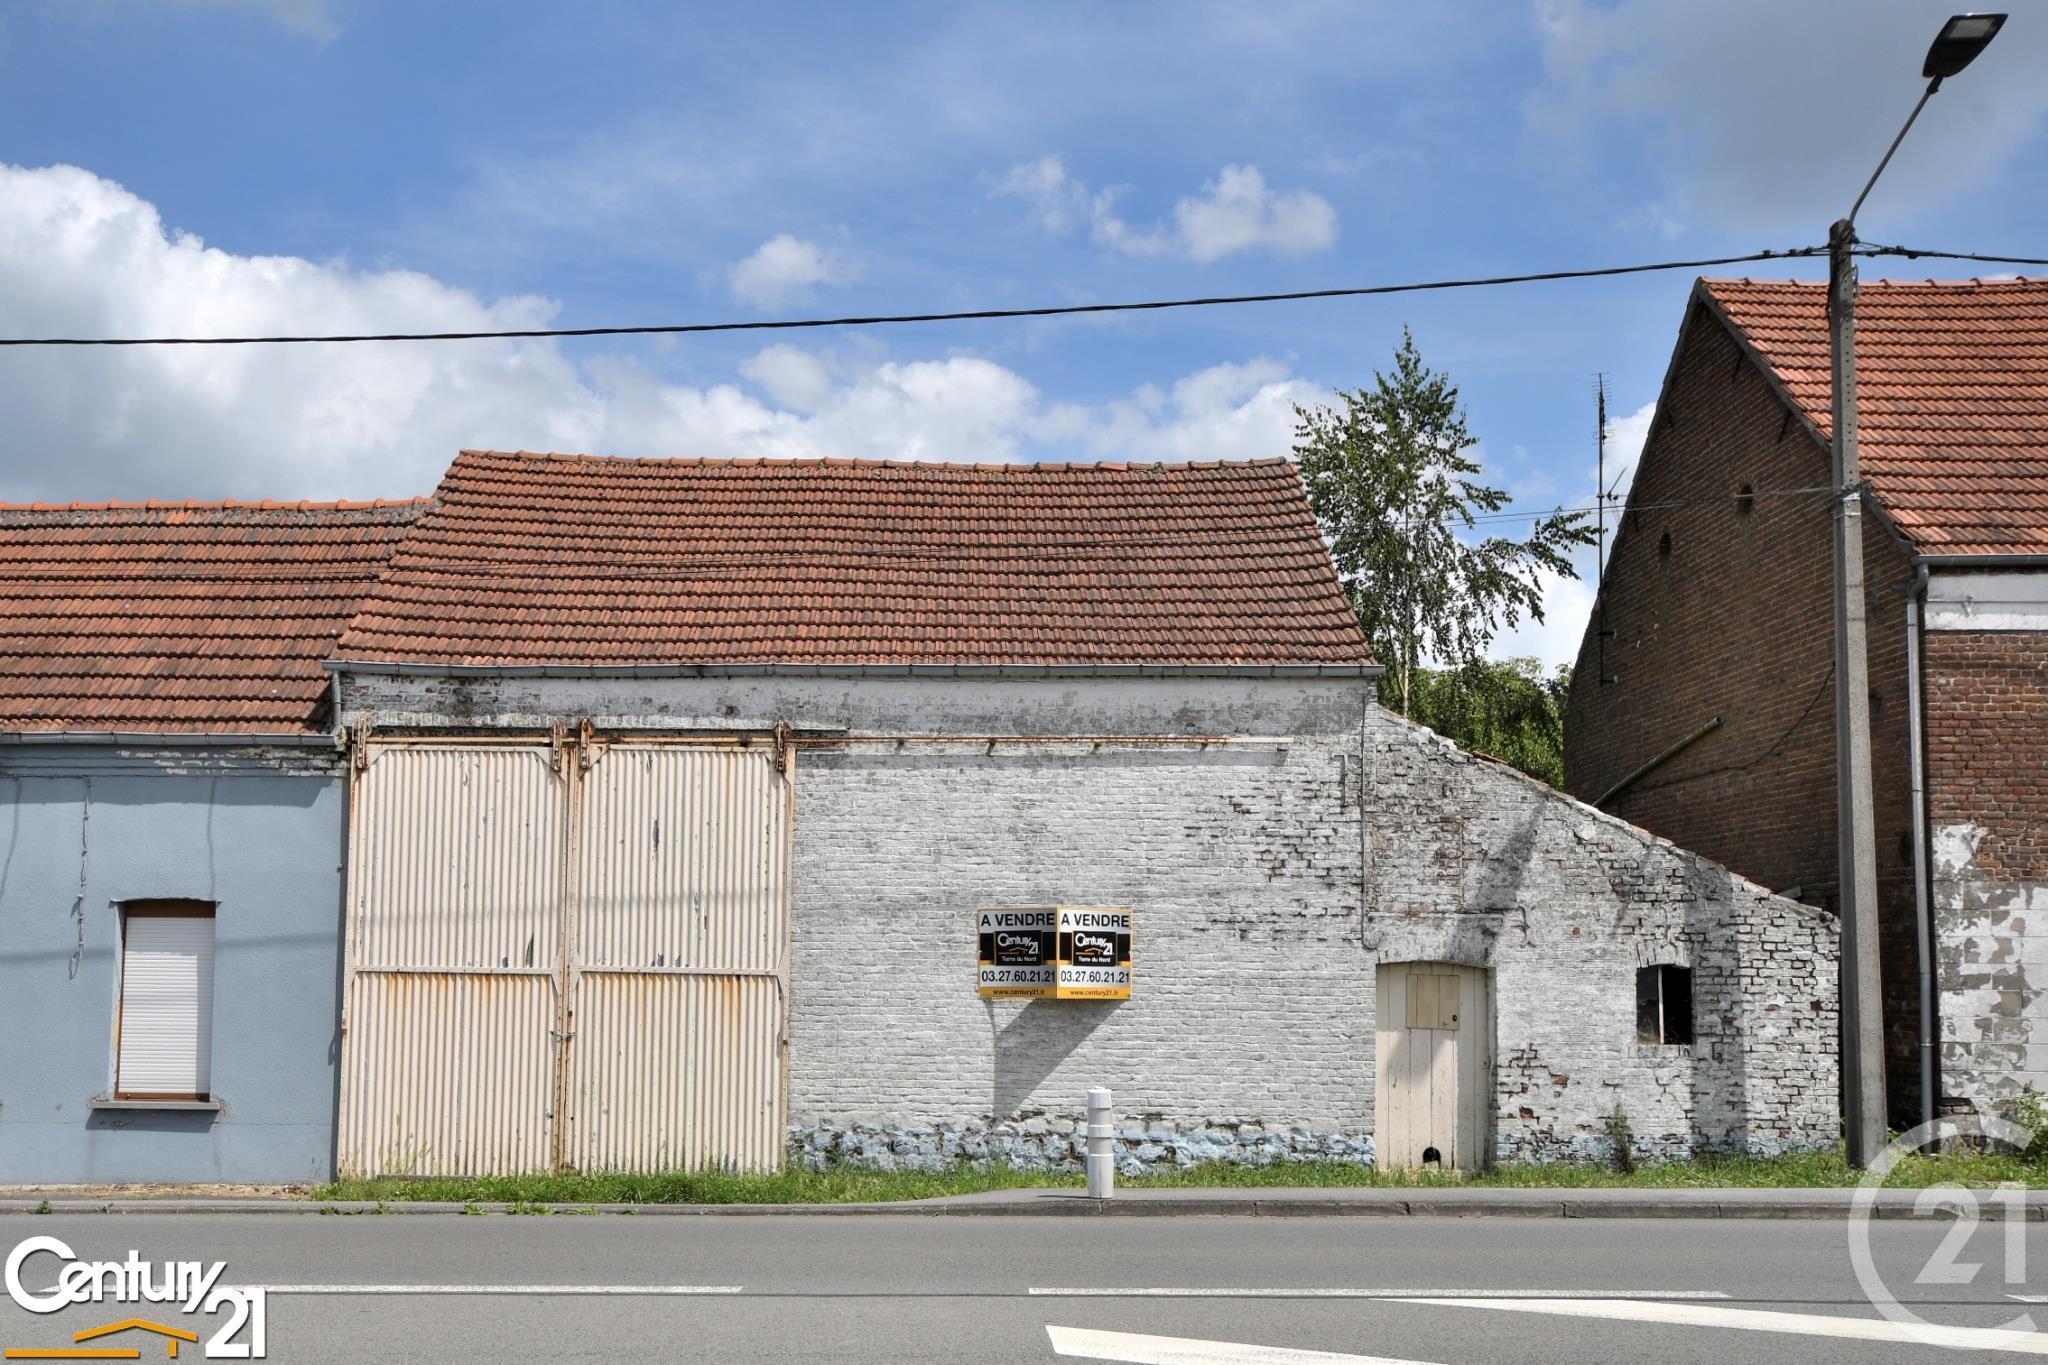 Maison A Vendre 1 Piece 65 M2 Bettignies 59 Nord Pas De Calais